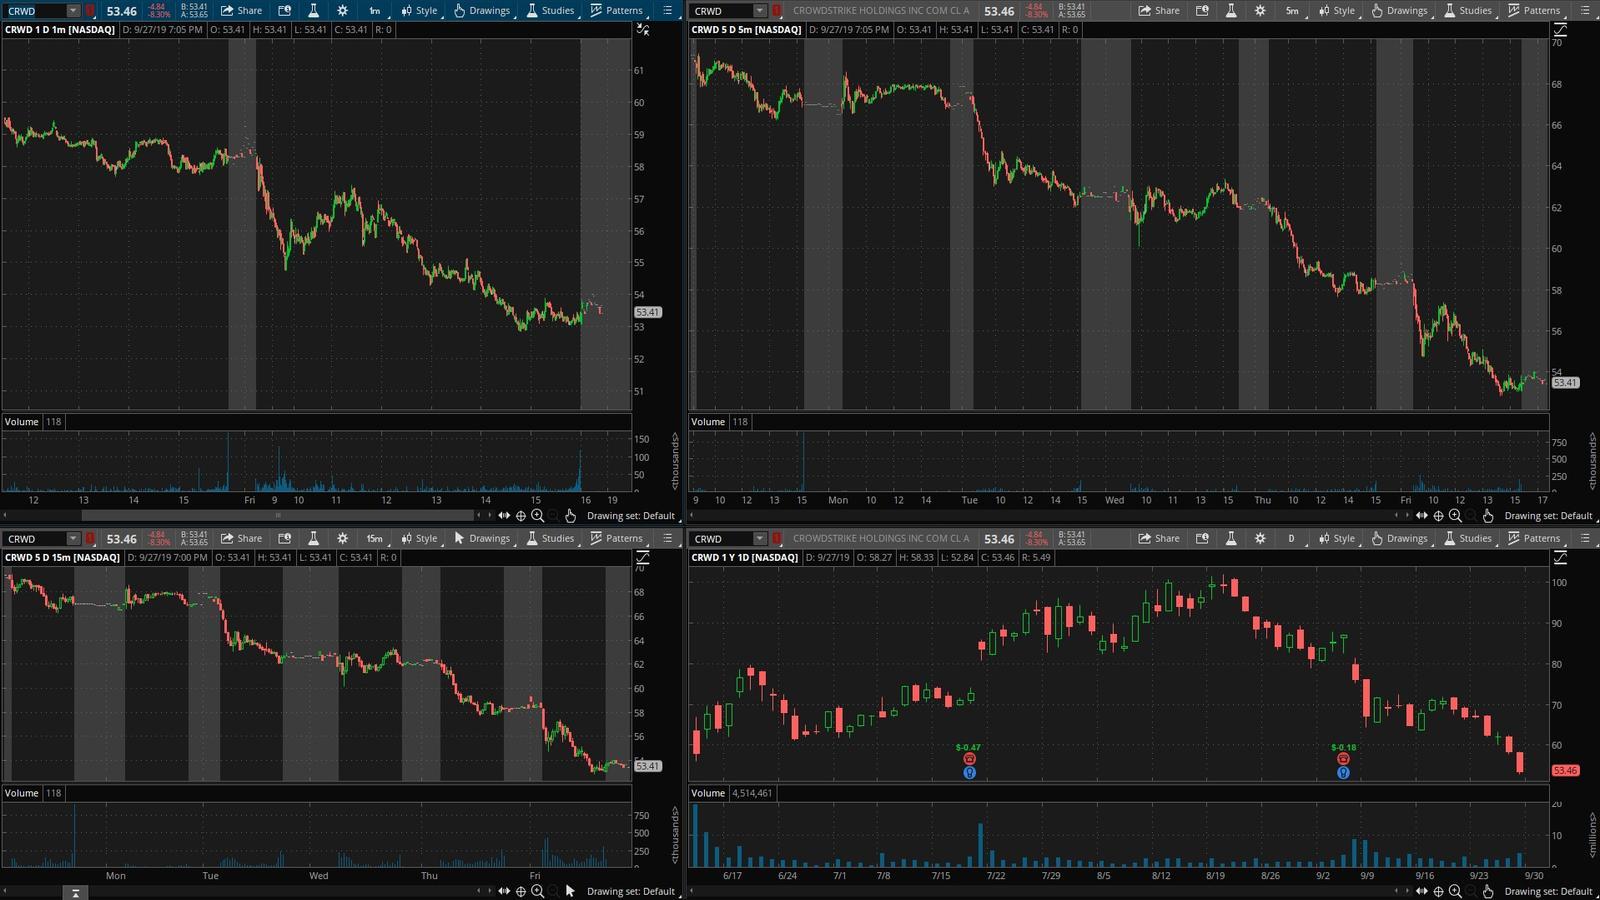 CRWD акция на фондовой бирже